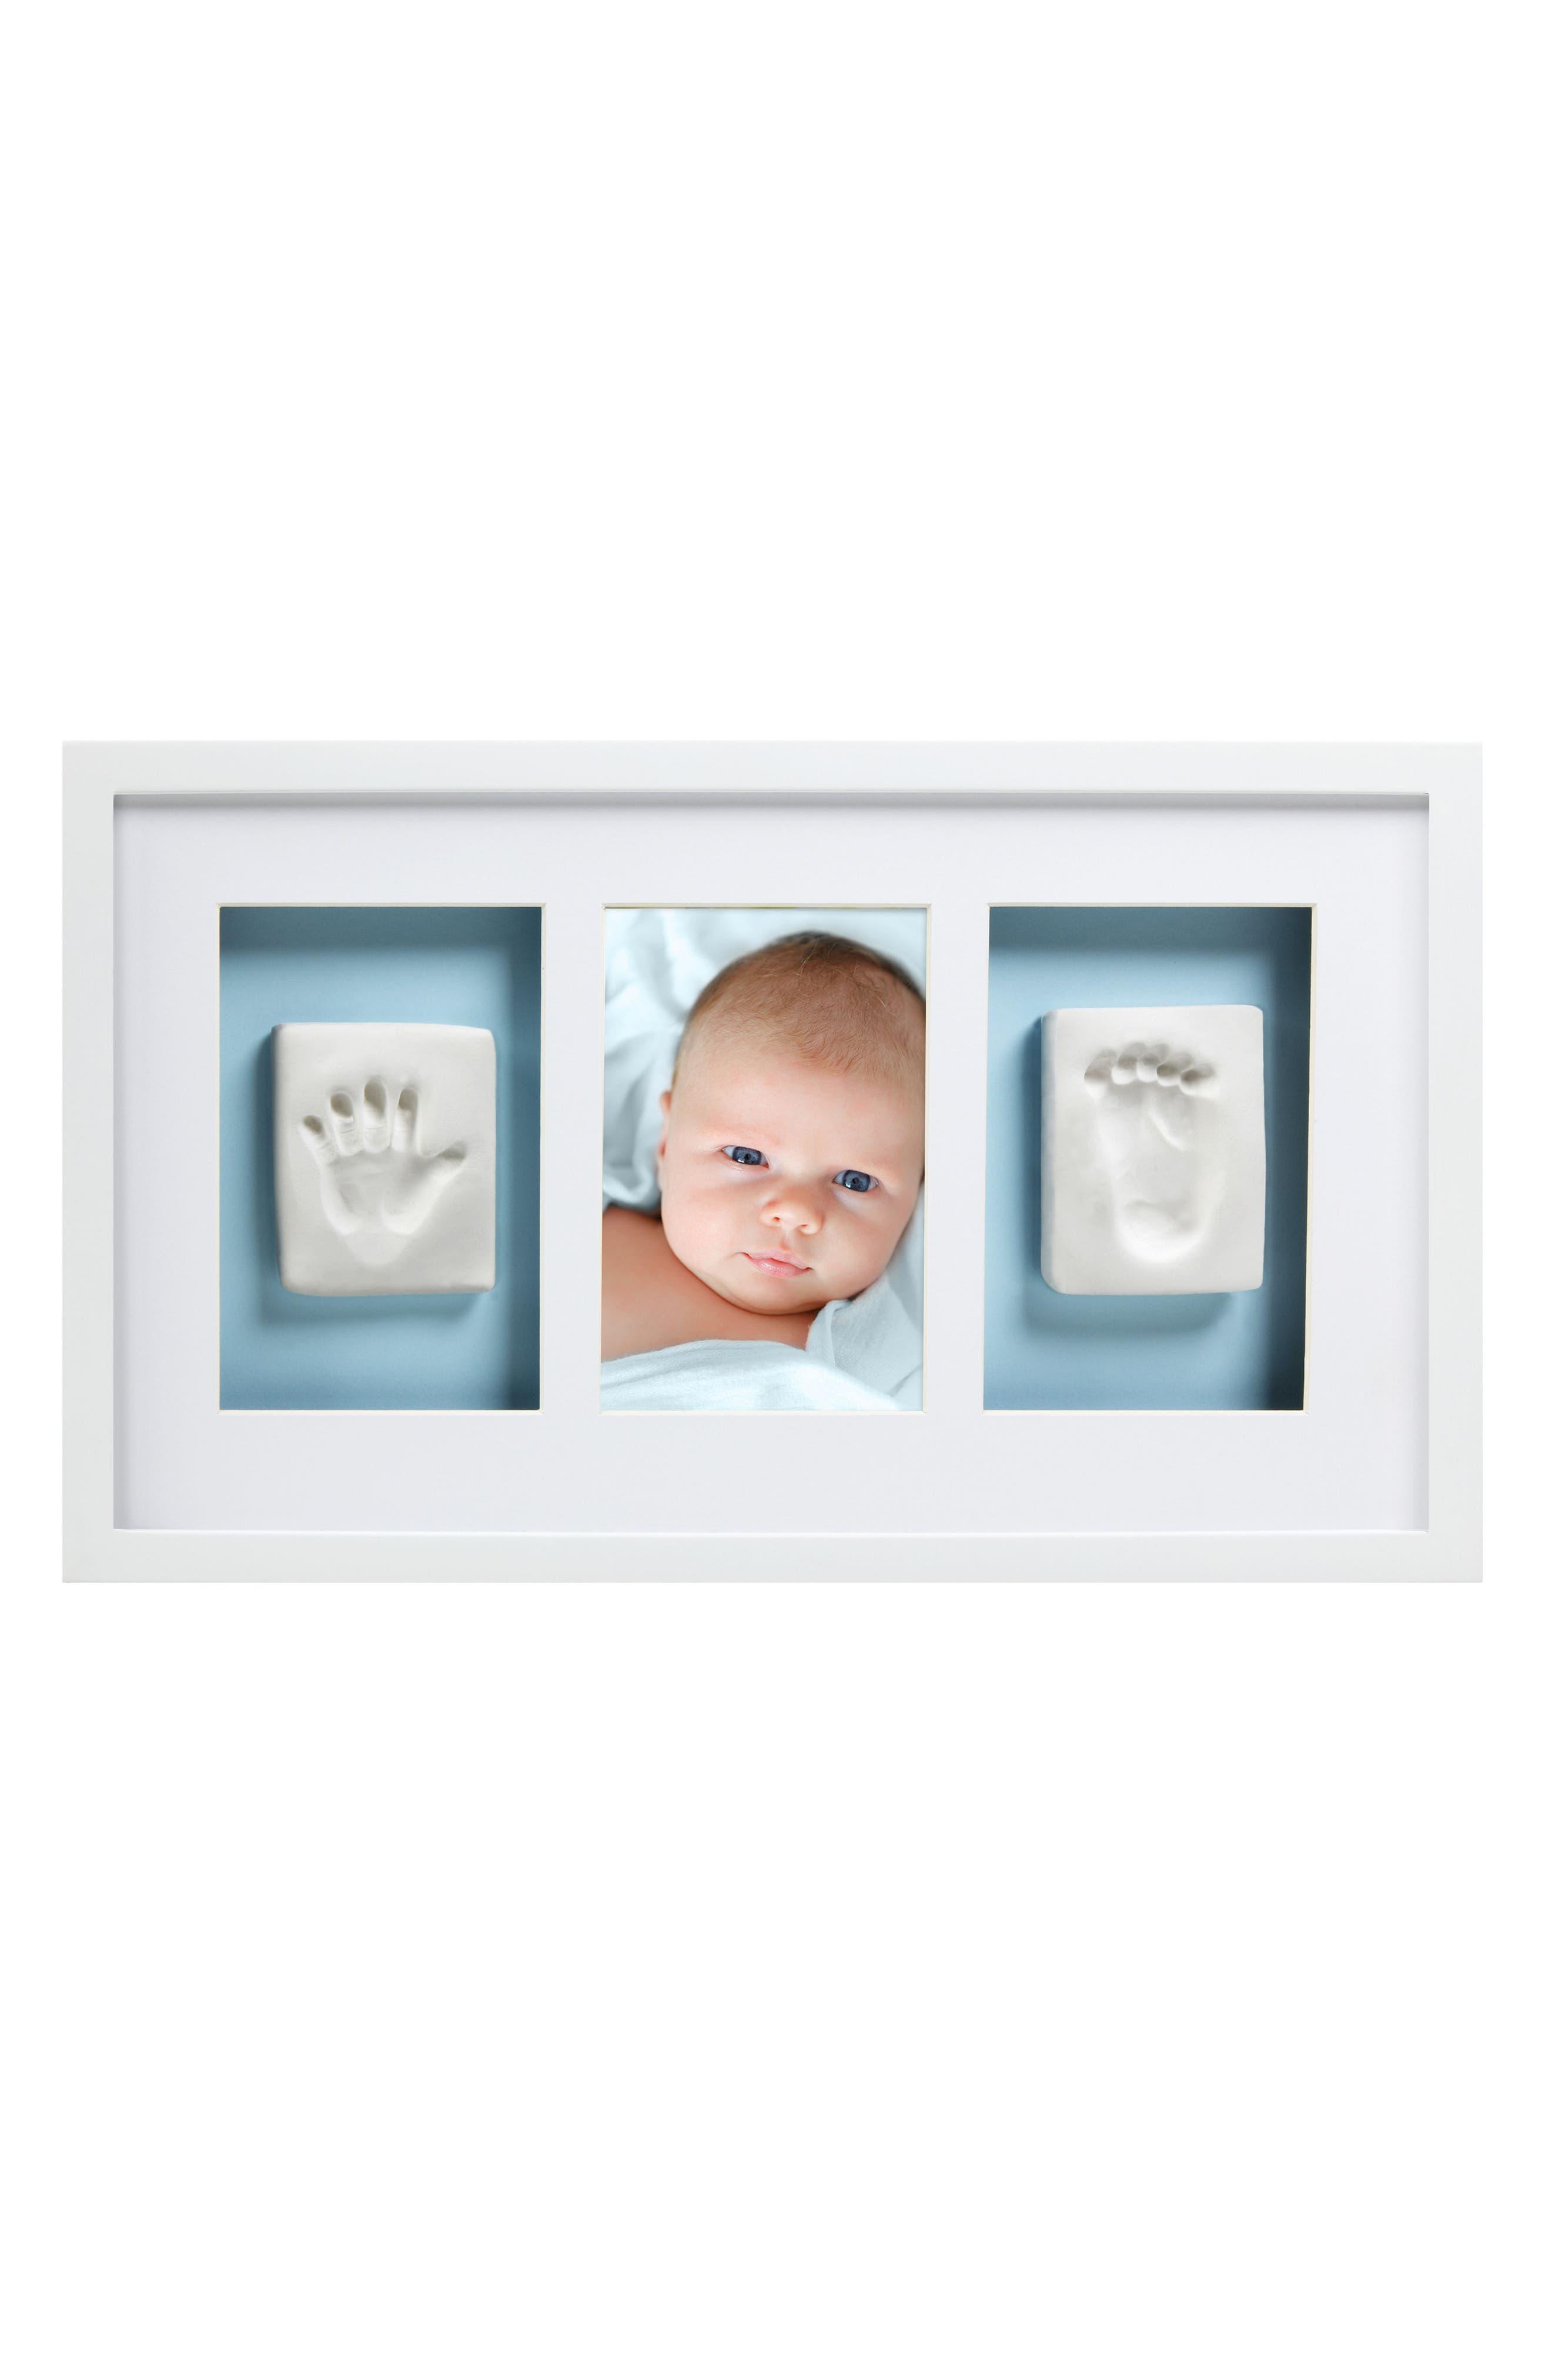 Babyprints Deluxe Wall Frame Kit,                             Alternate thumbnail 3, color,                             White